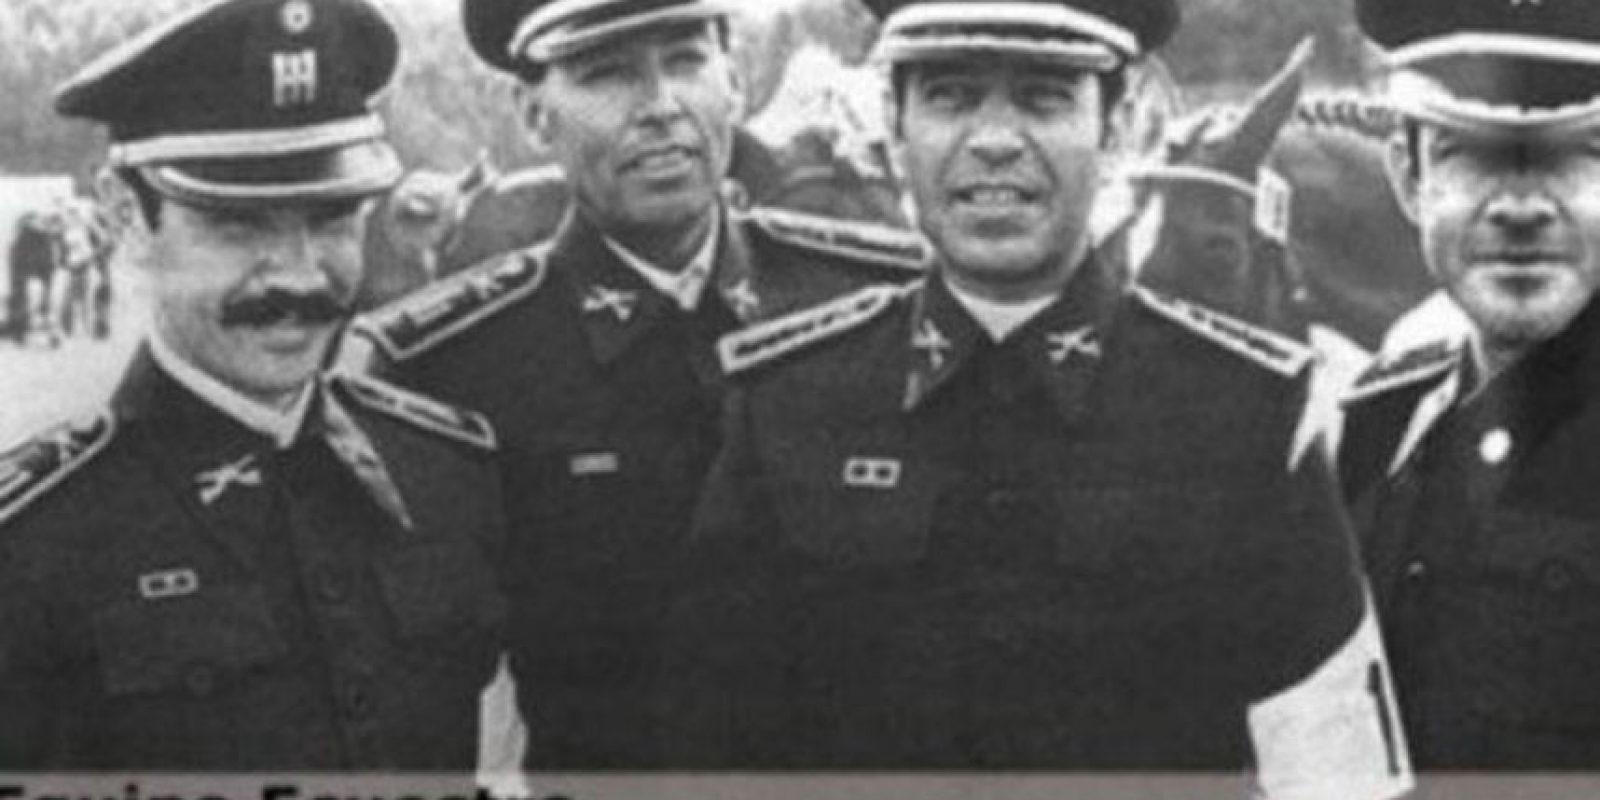 Equipo ecuestre: David Barcenas Ríos, Manuel Mendivil Yocupicio, José Luis Pérez Soto, Fabián Vázquez López, bronce, Moscú 1980 Foto:Archivo